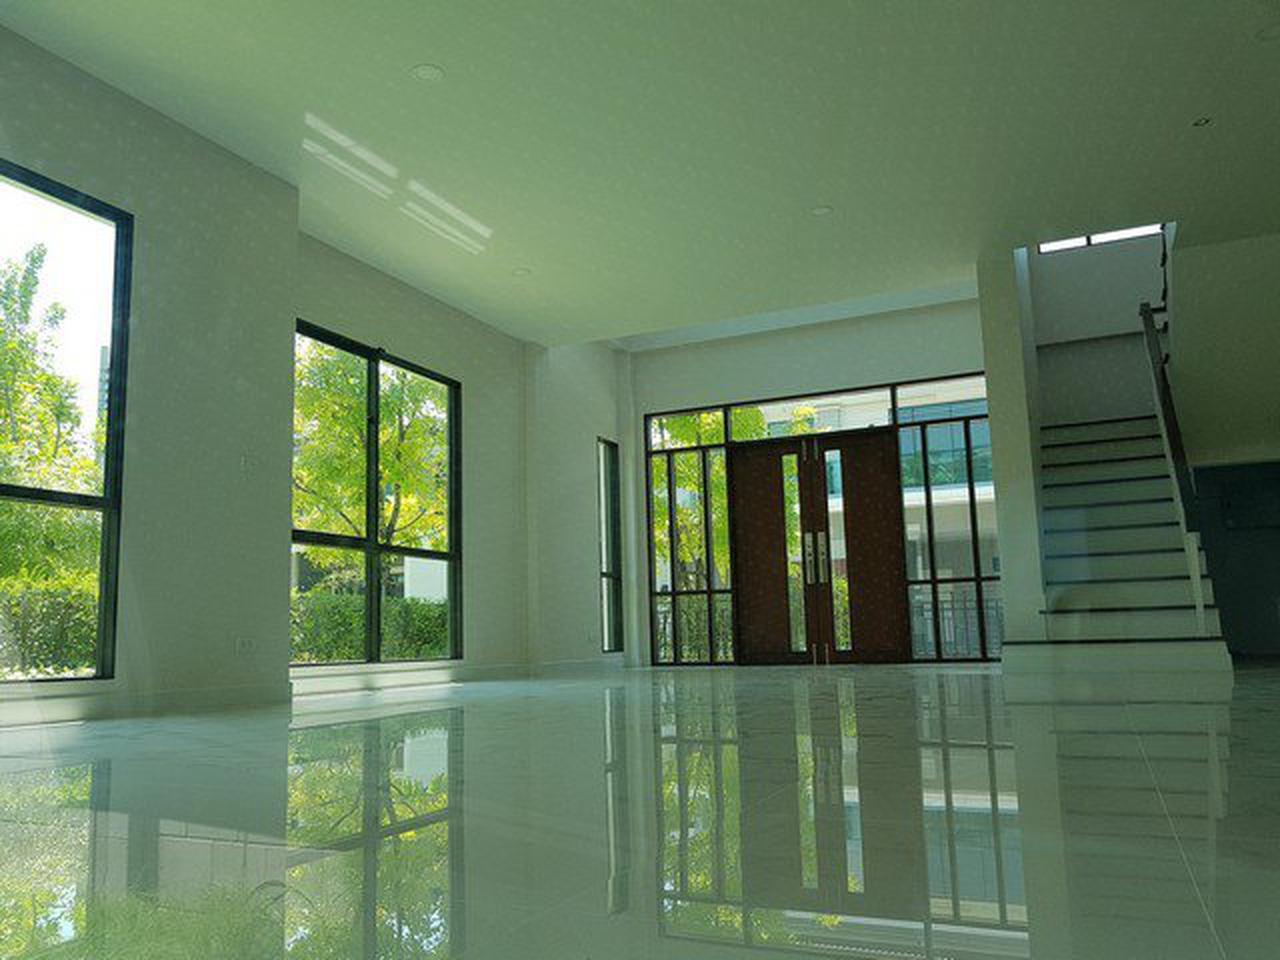 ขายบ้านเดี่ยวThe City Pattanakarn 4 นอน  3 จอด รูปที่ 3